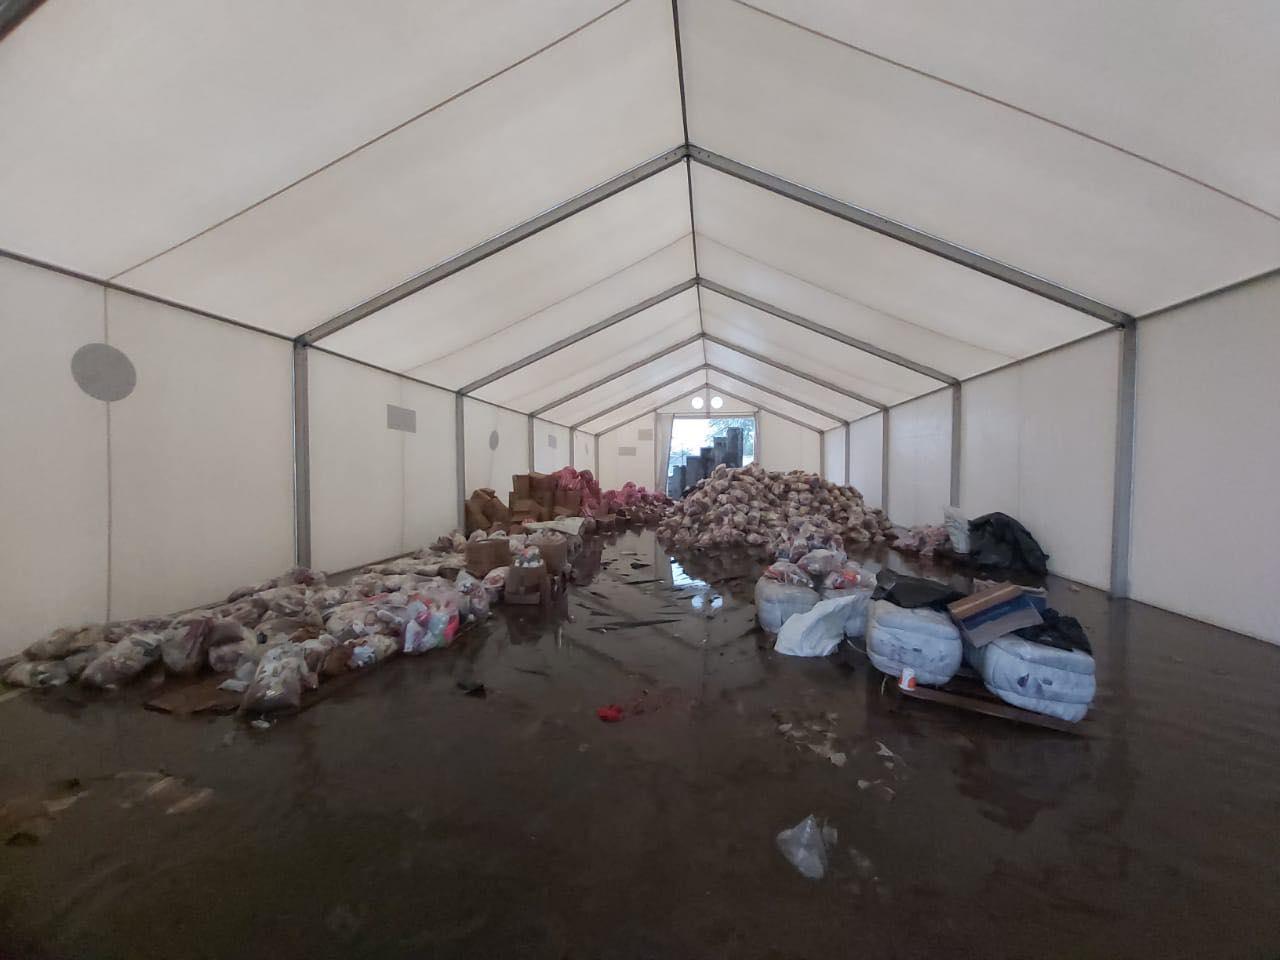 MP habré investigación sobre ayuda humanitaria inundada en Choloma